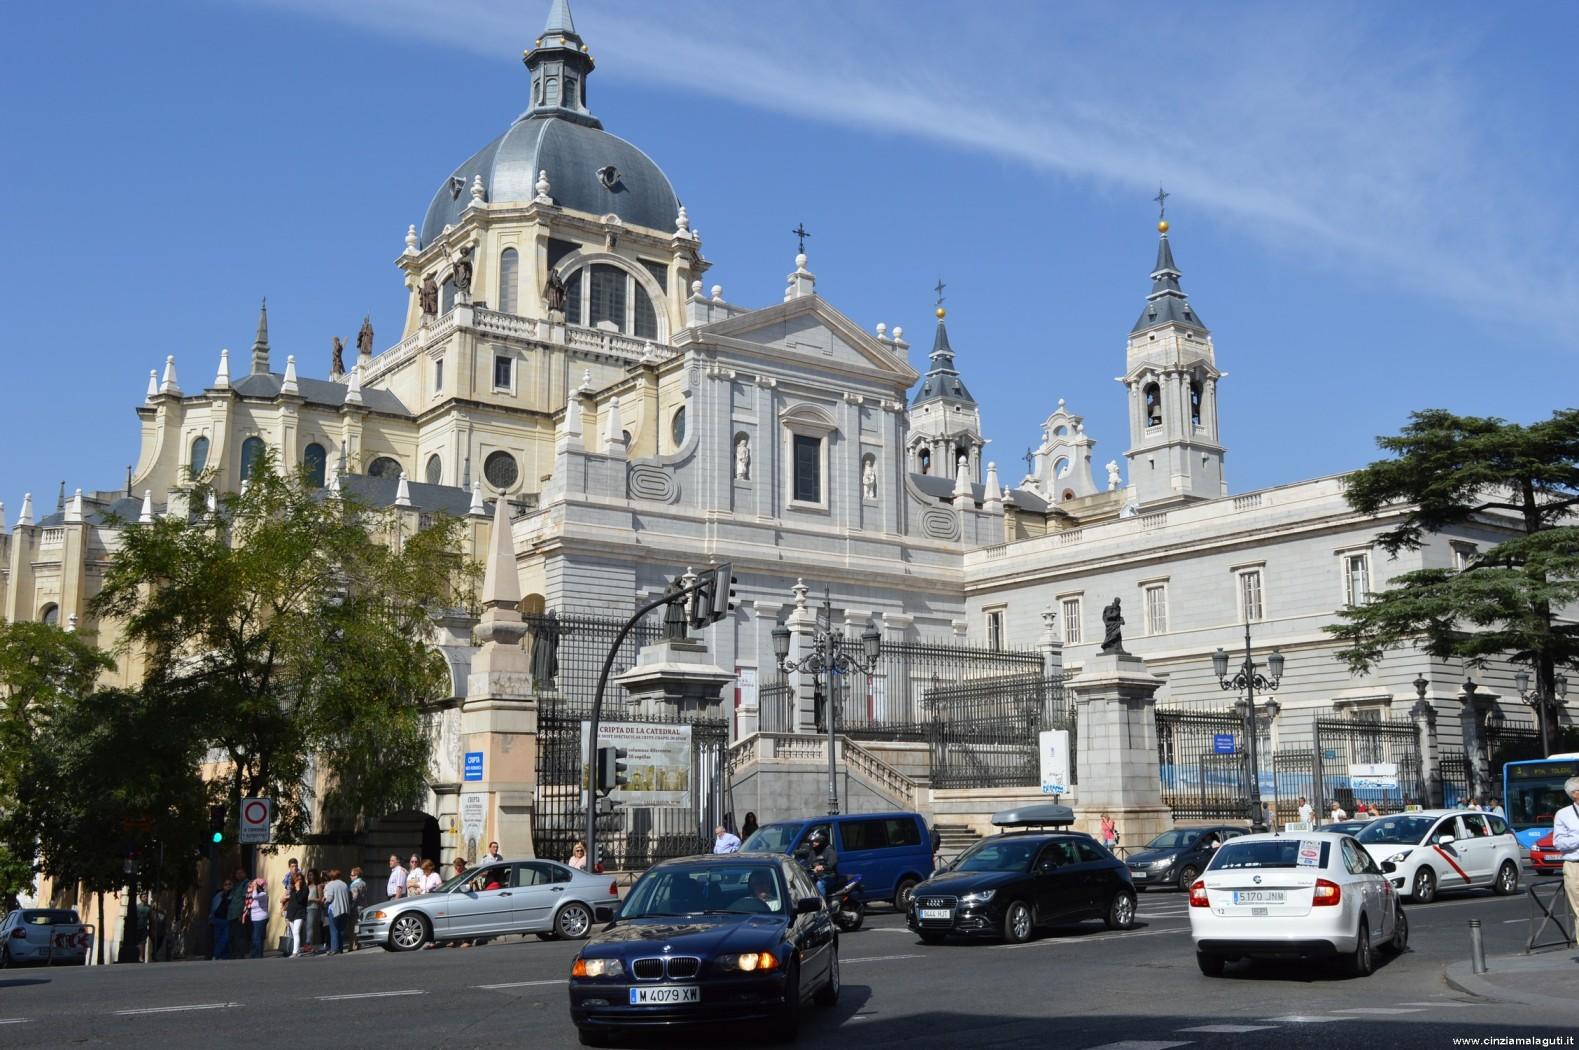 Cattedrale Dell'Almudena Vista Dal Cortile/piazza Del Palazzo Reale  #335B98 1579 1050 Sala Da Pranzo Ottocento